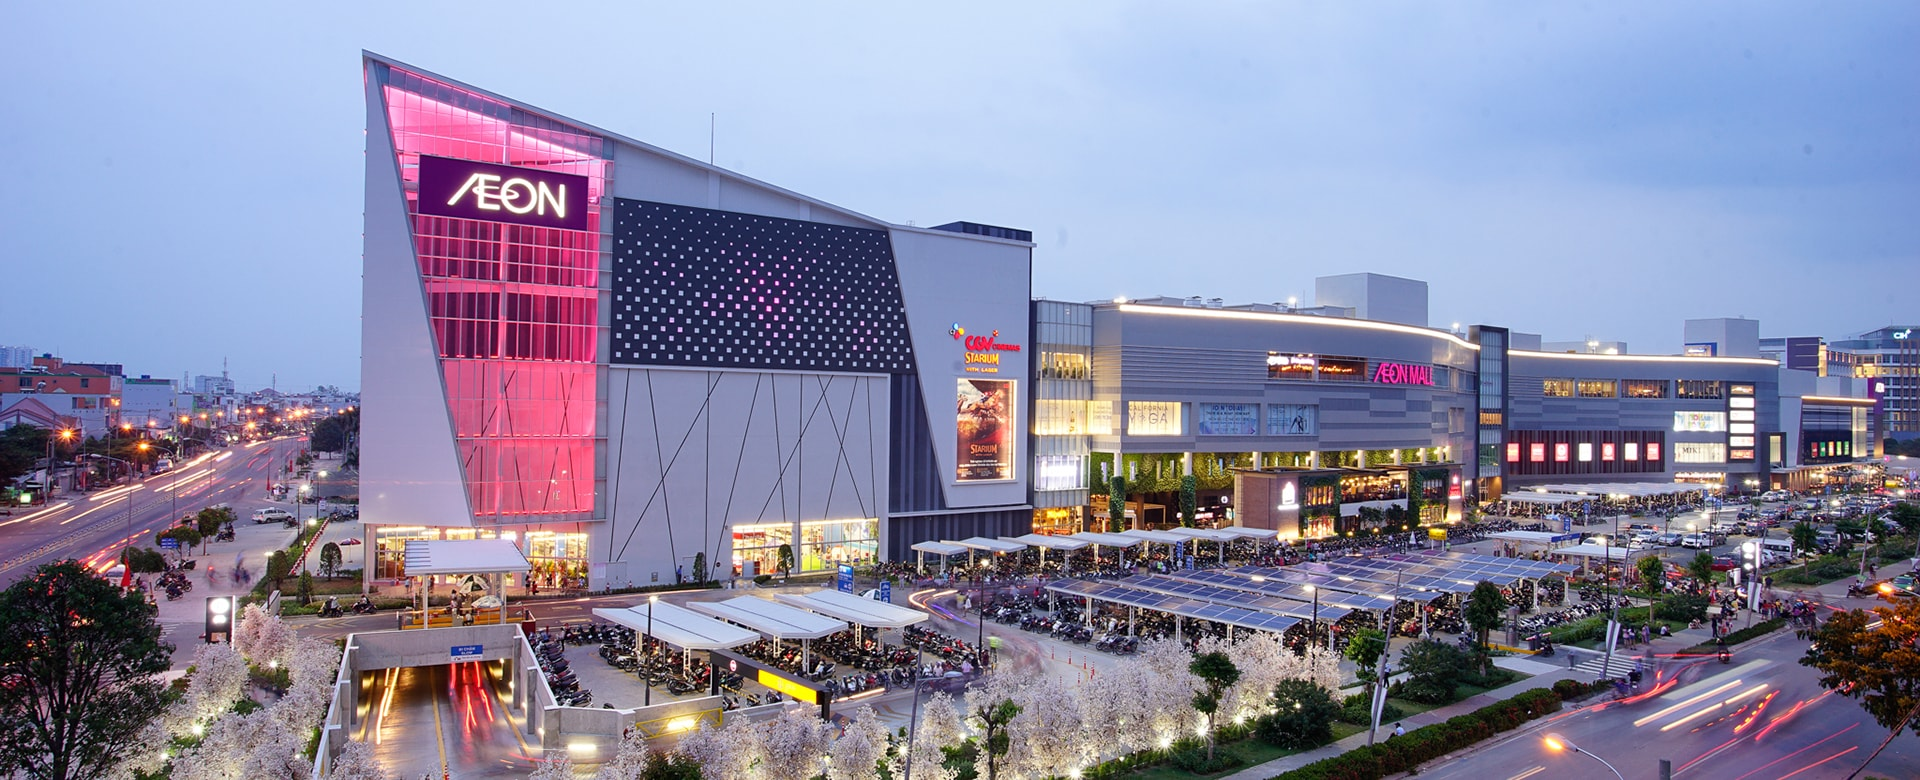 Đại siêu thị Aeon Mall tại khu dân cư Tên Lửa chỉ cách dự án Asiana Capella 2km